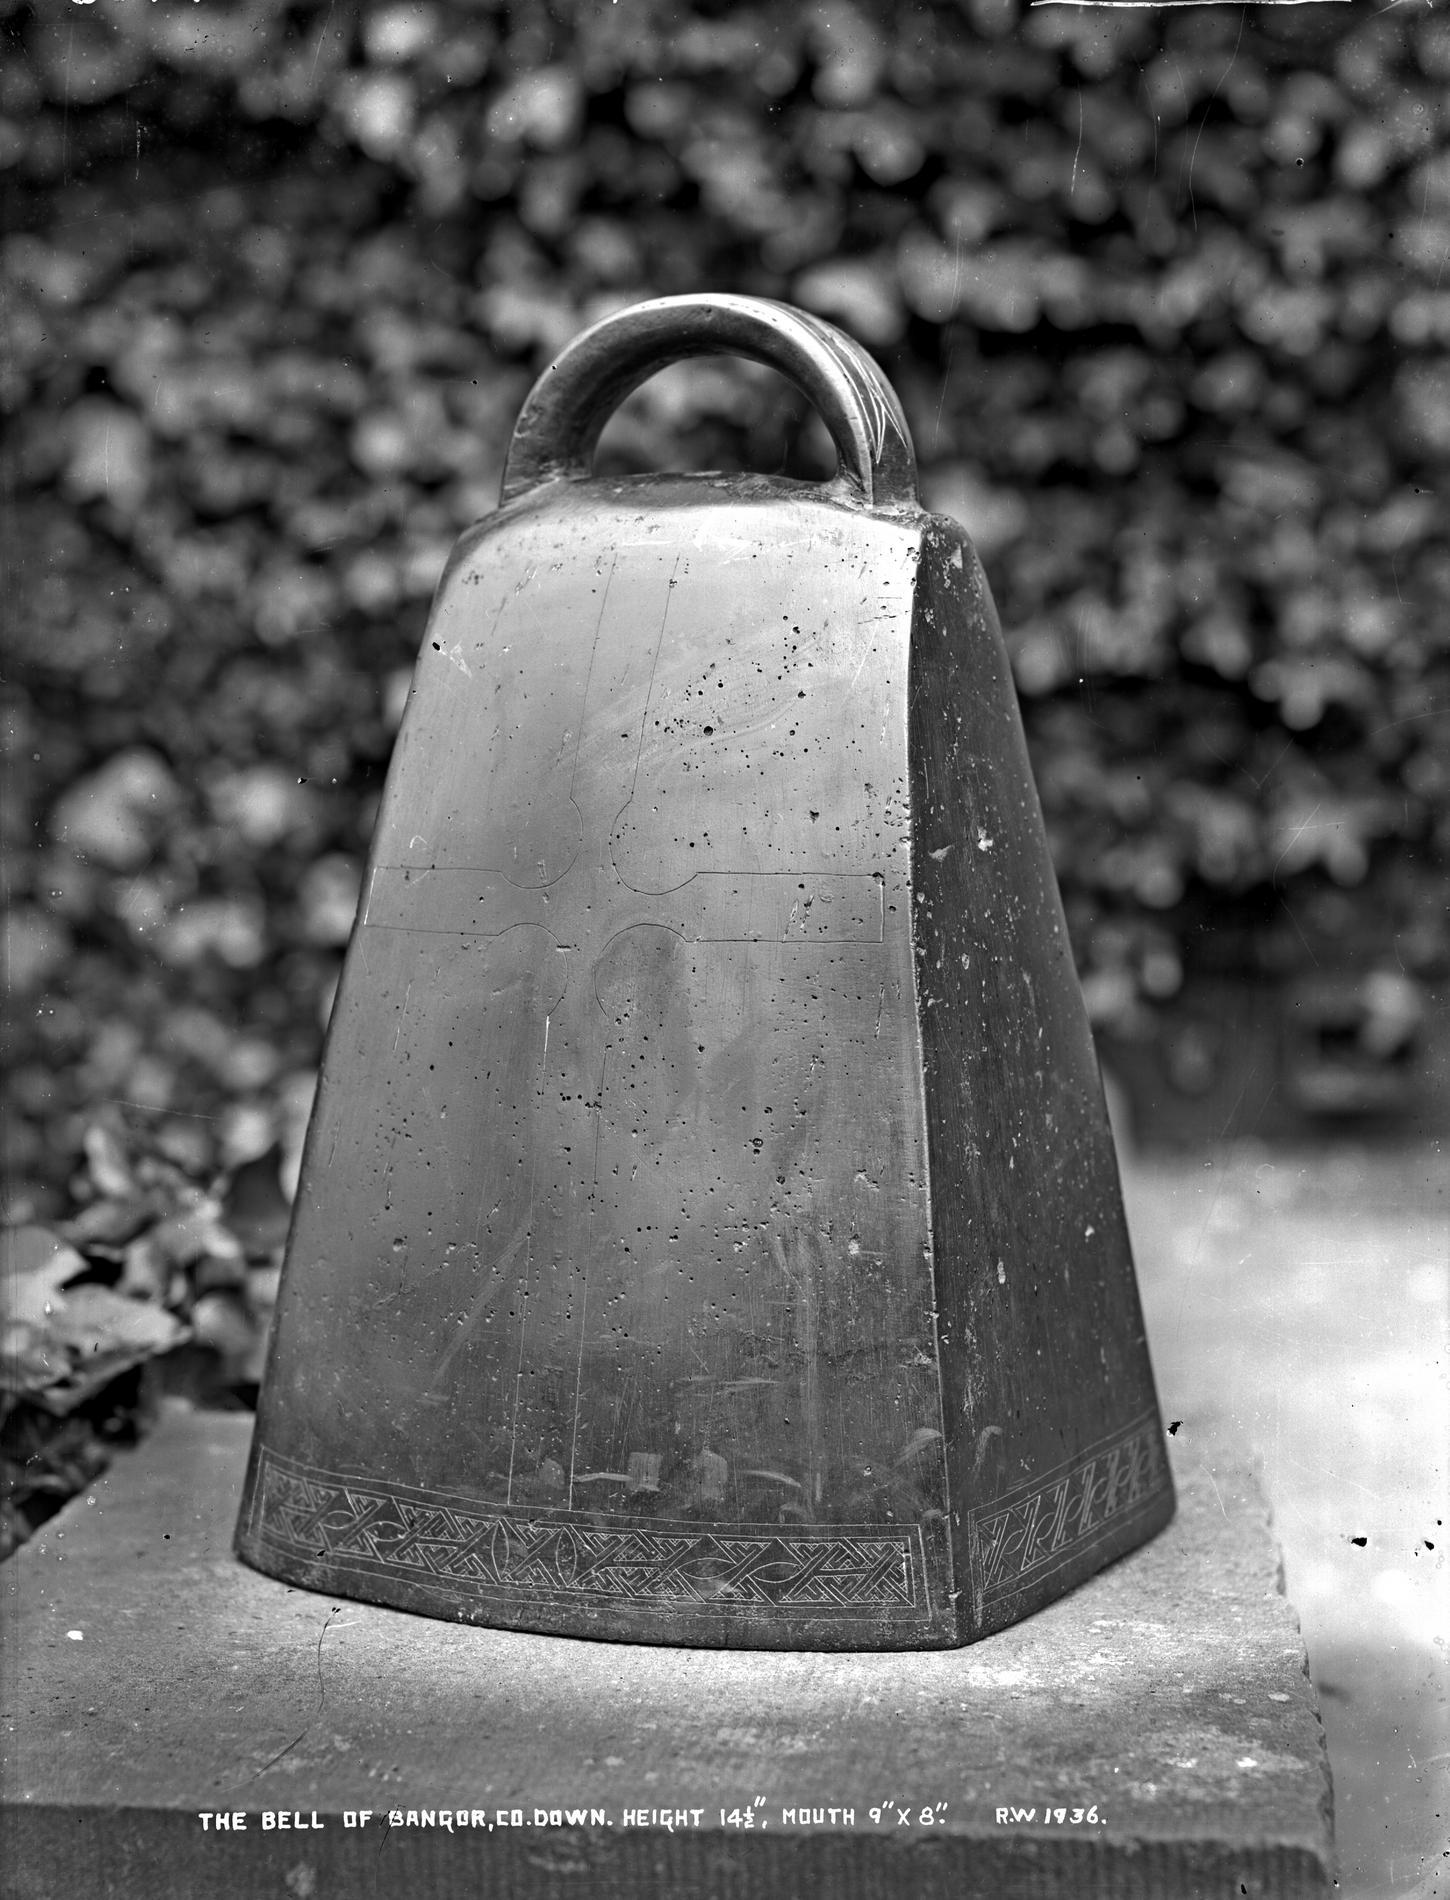 Bell of Bangor